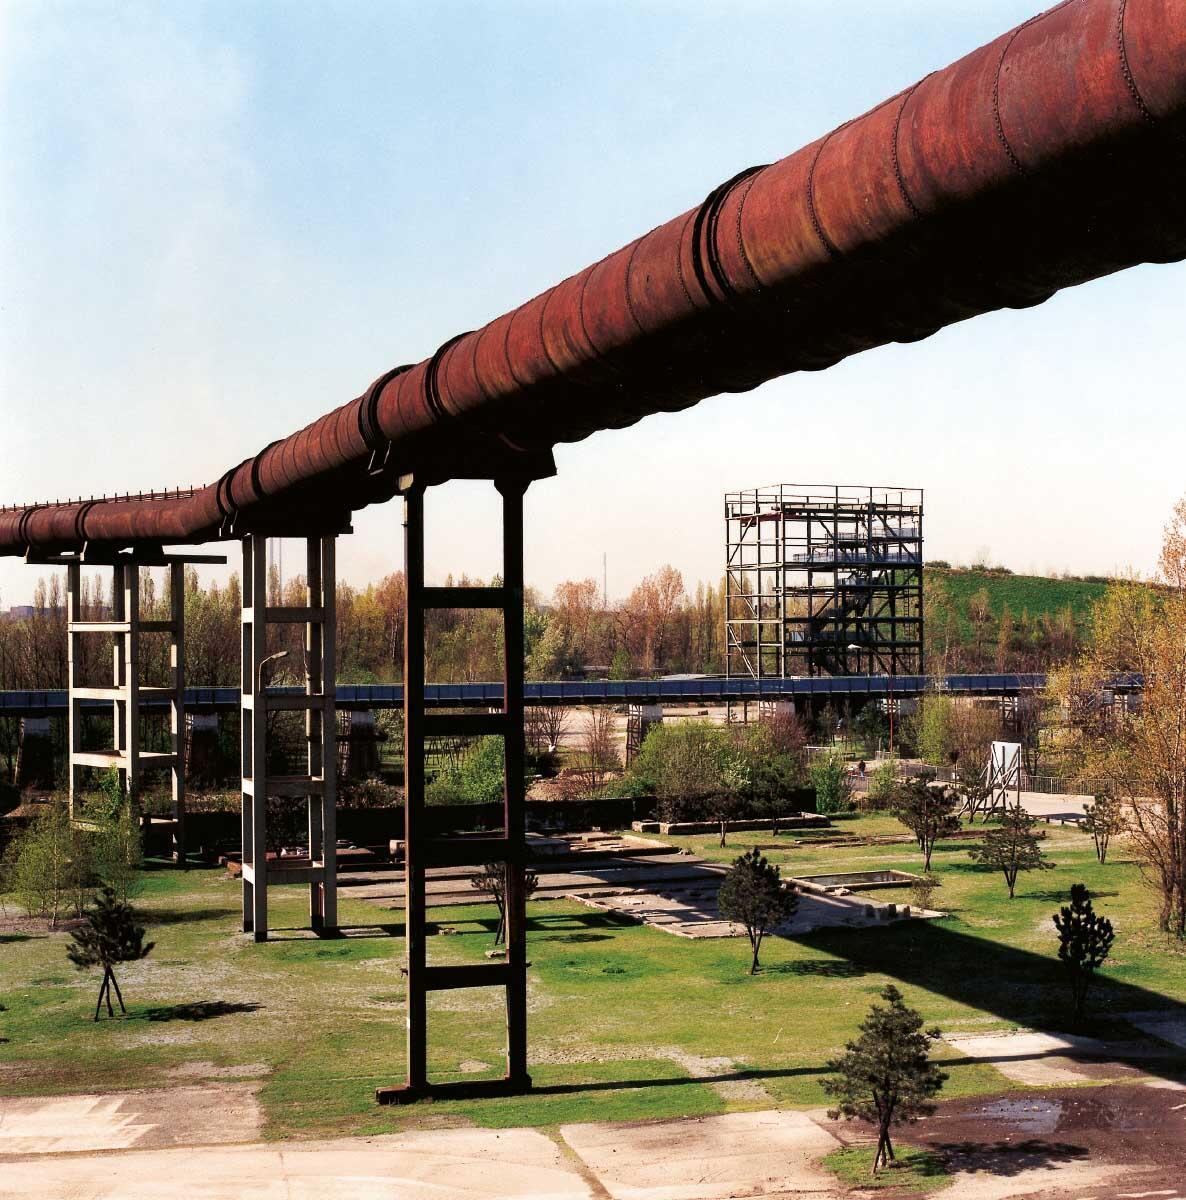 Industrieruinen als Teil des Landschaftsparks Duisburg-Nord Bild: Peter Liedtke